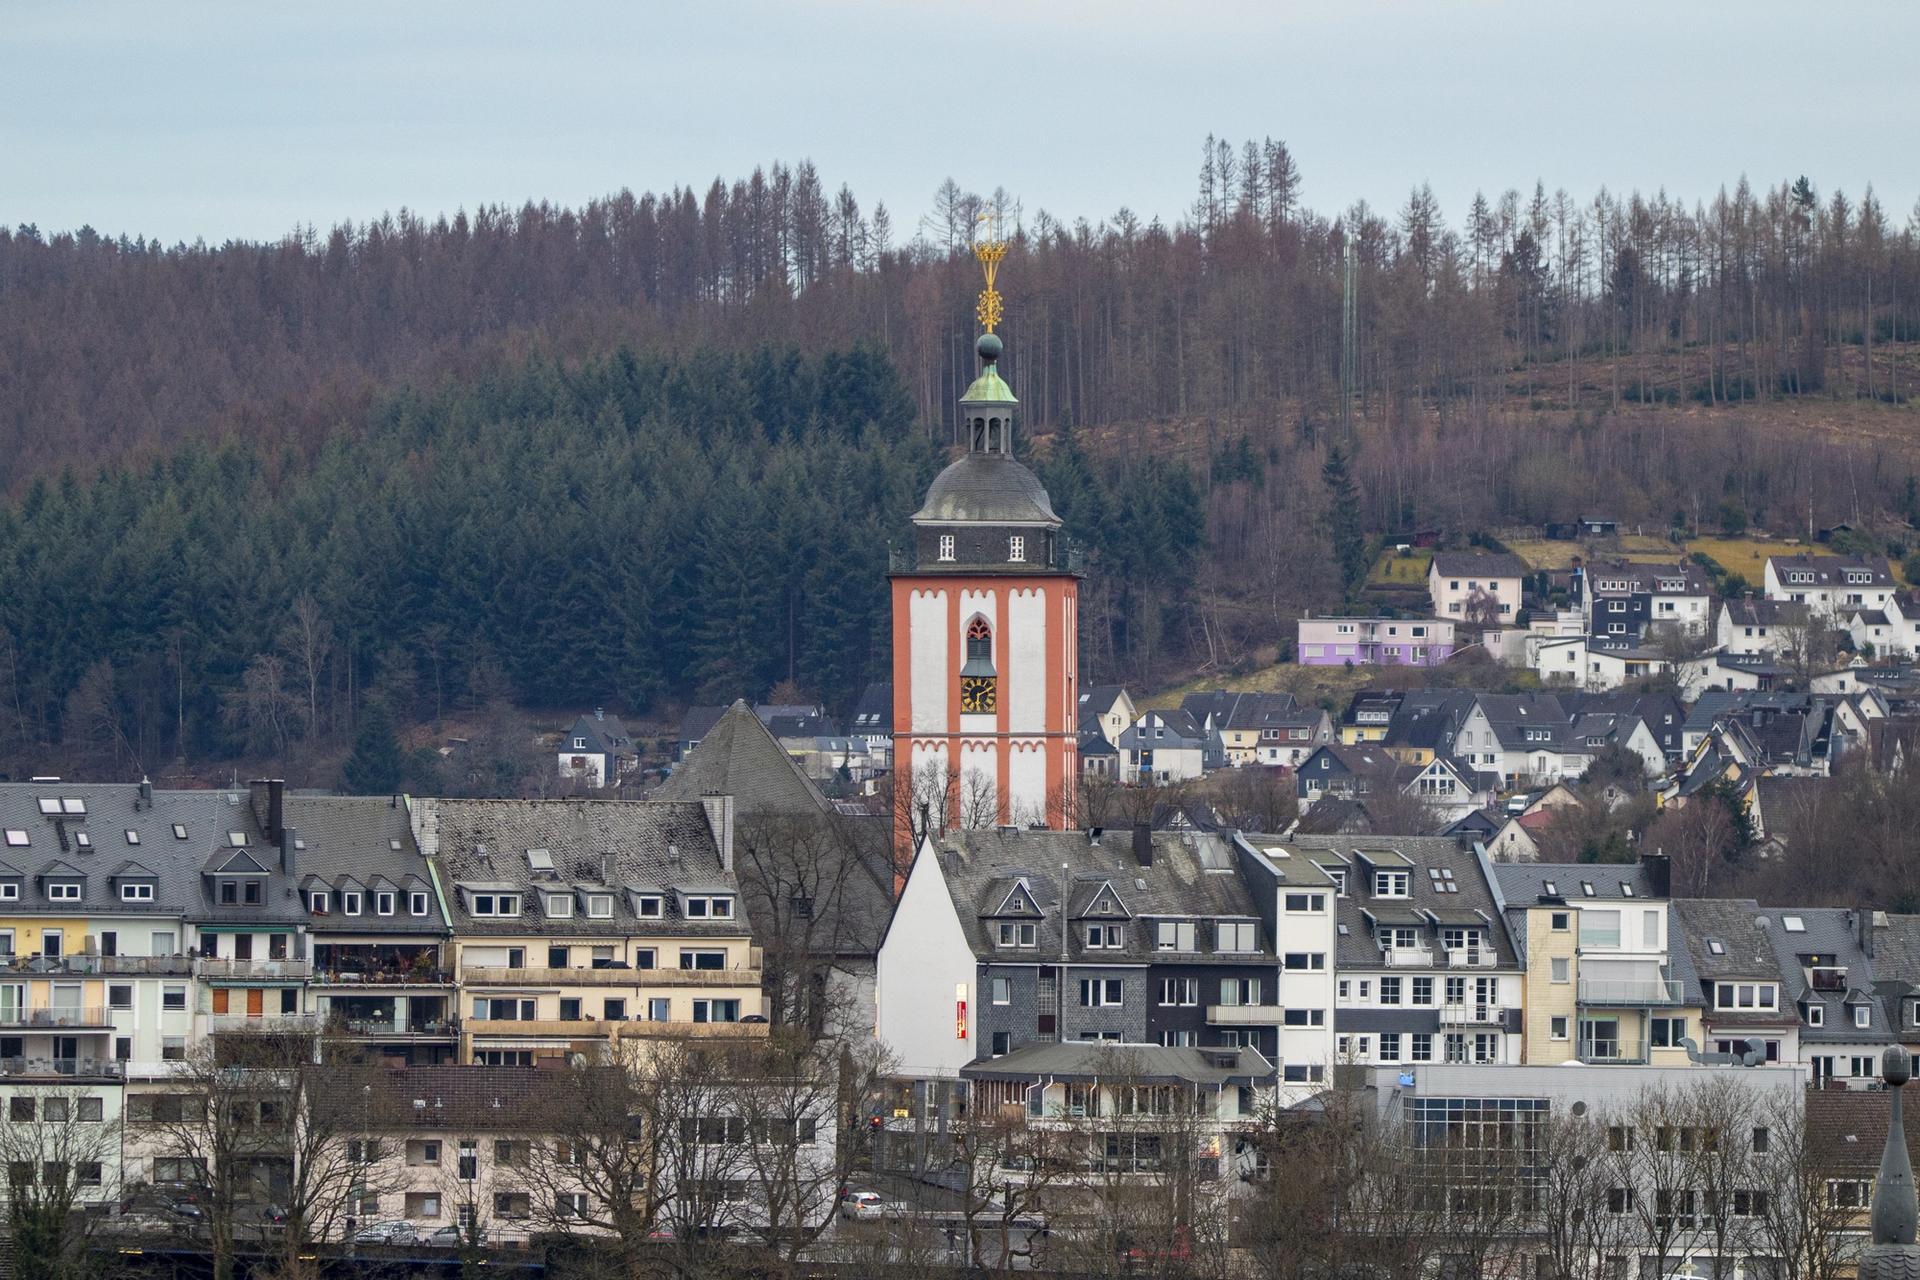 Anticimex Kammerjäger in Siegen